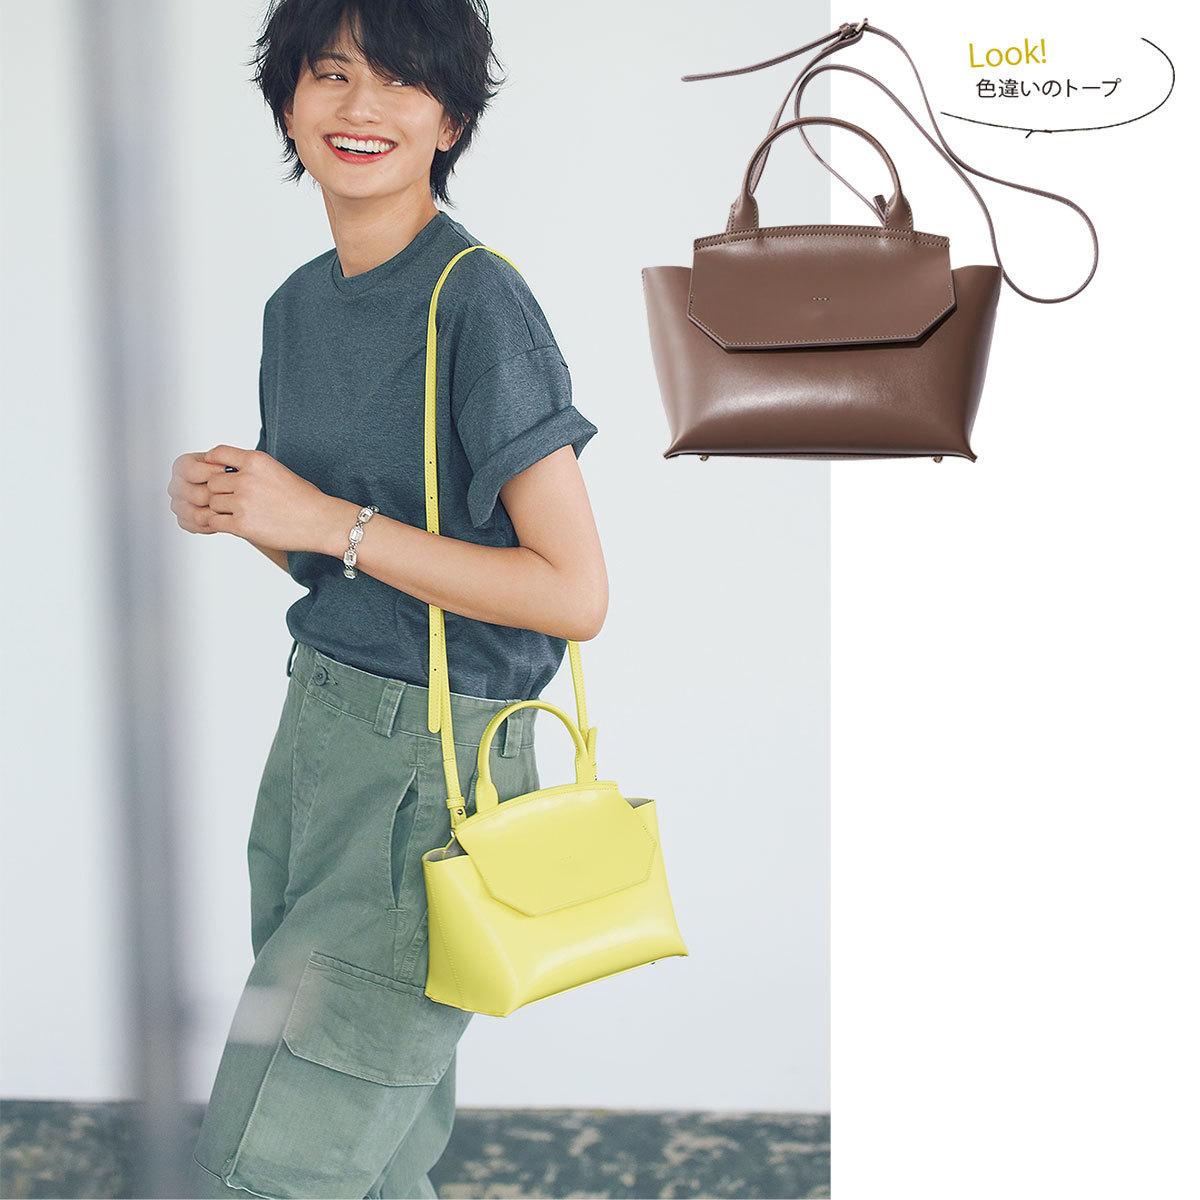 ヤーキ【Marisol別注】フラップショルダーバッグ